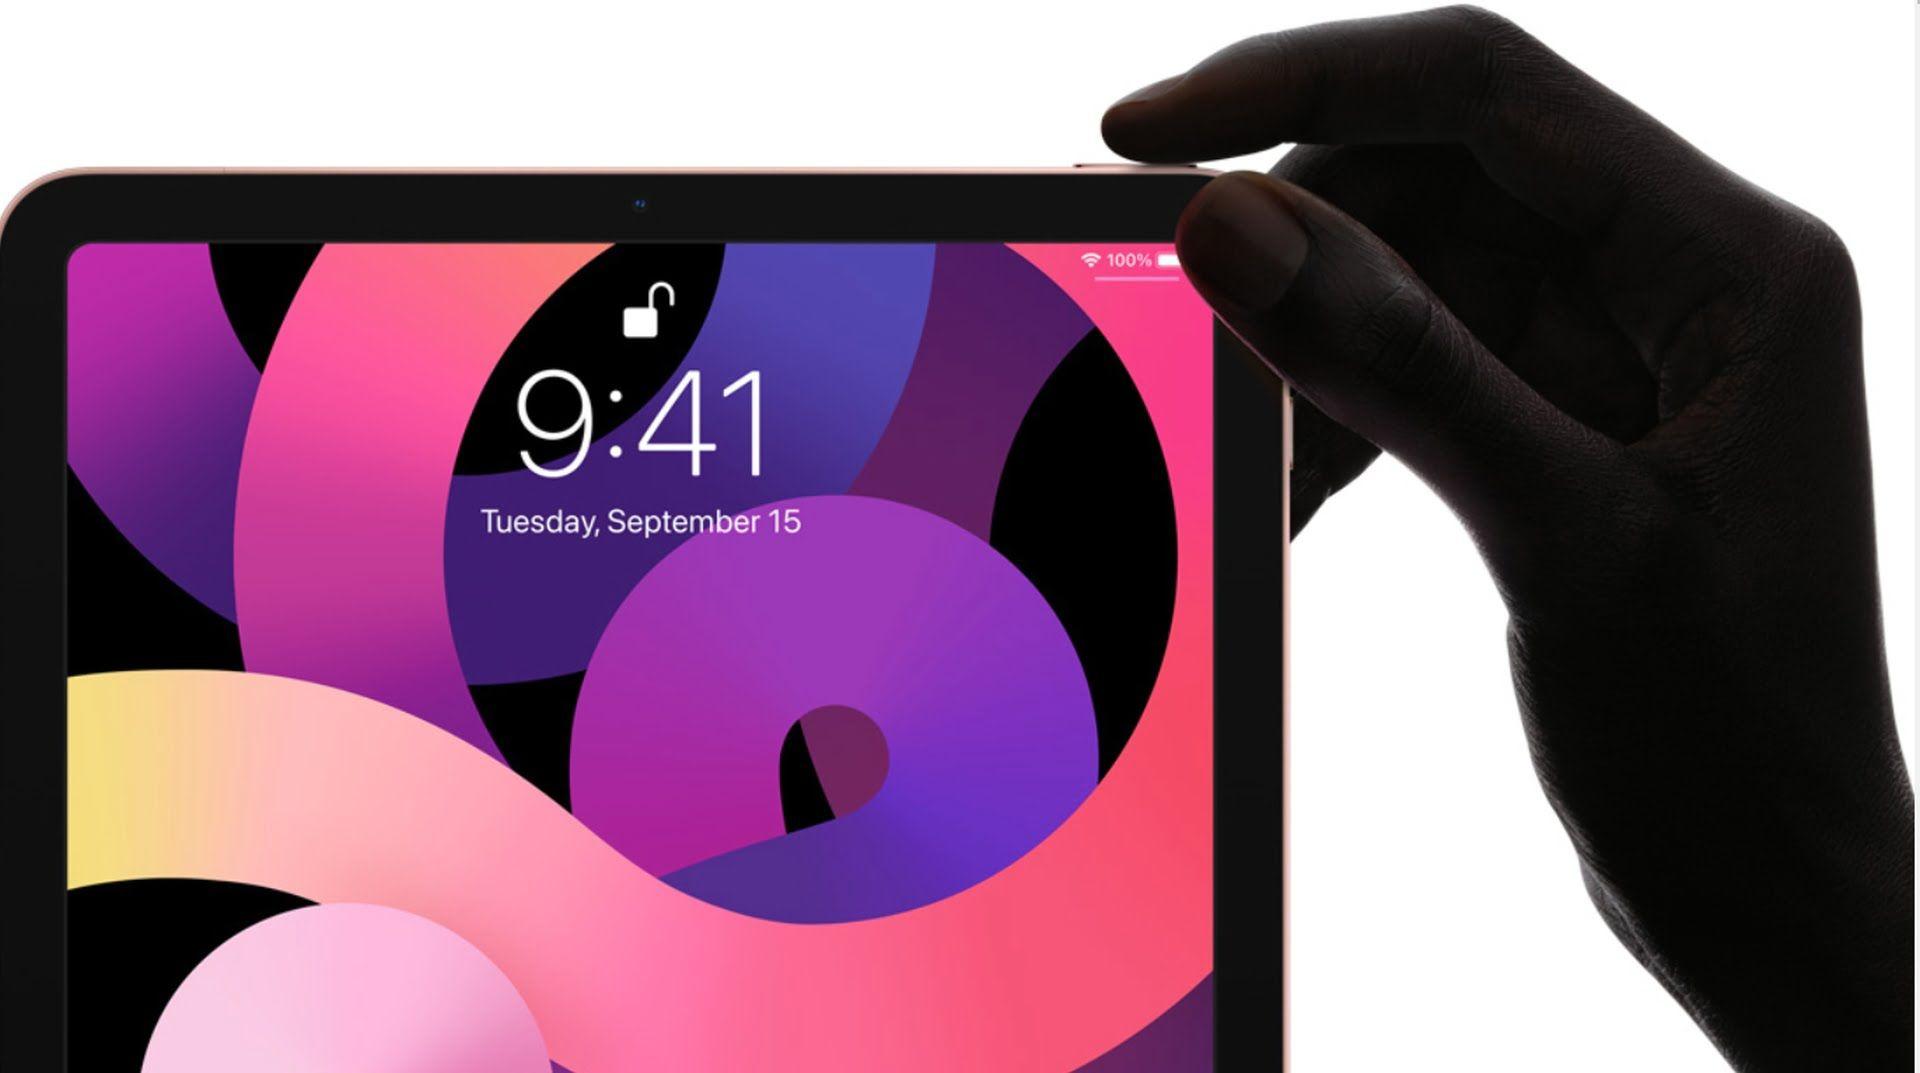 Testy wydajnościowe iPada Air 4 generacji z procesorem A14